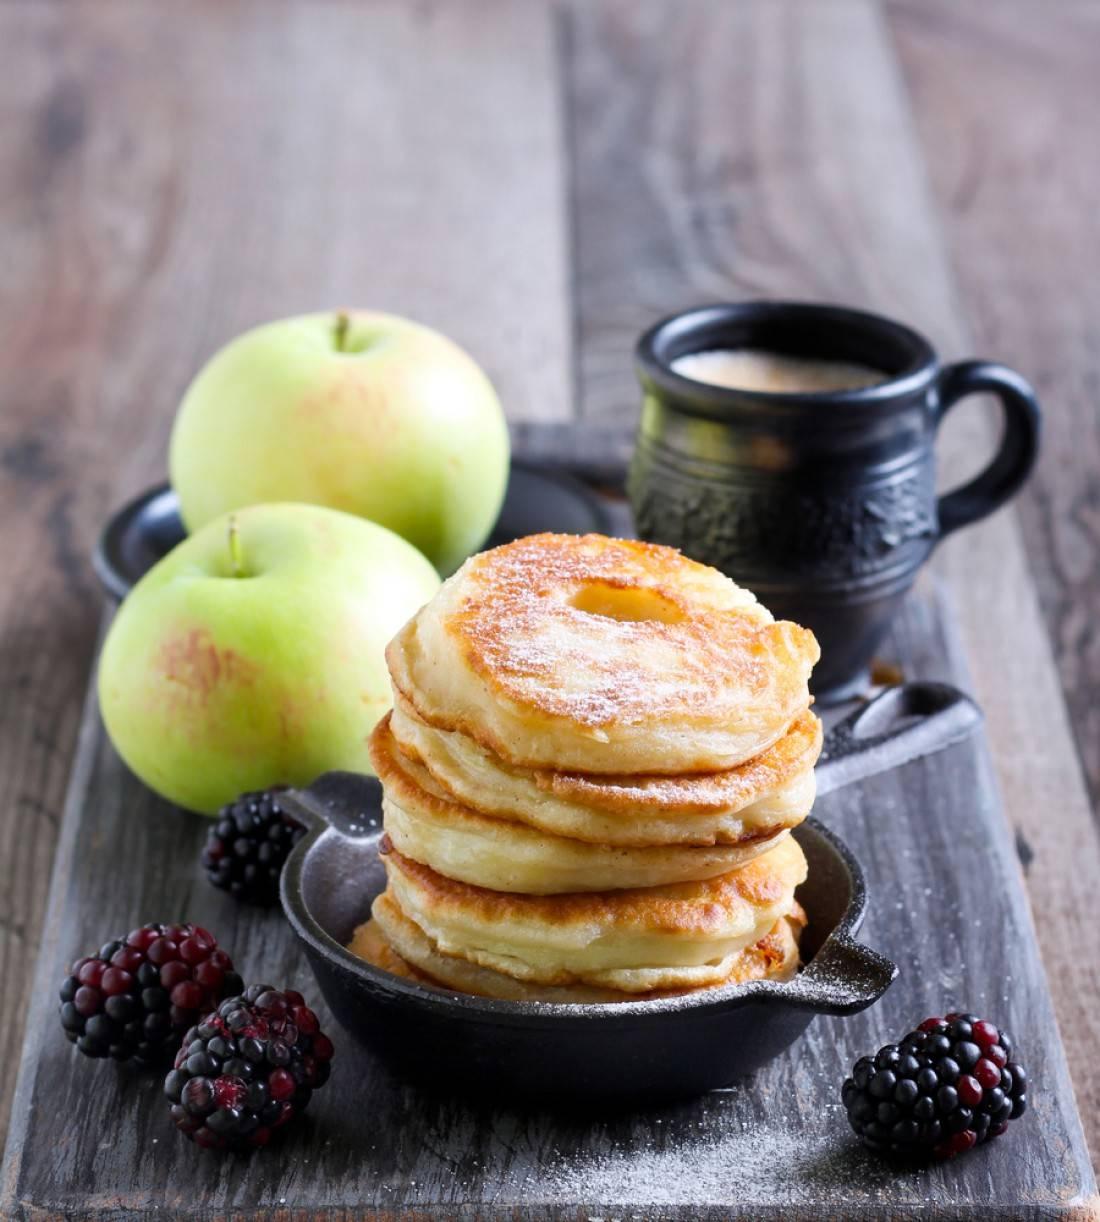 Топ-7 лучших рецептов пышных оладьев с яблоками